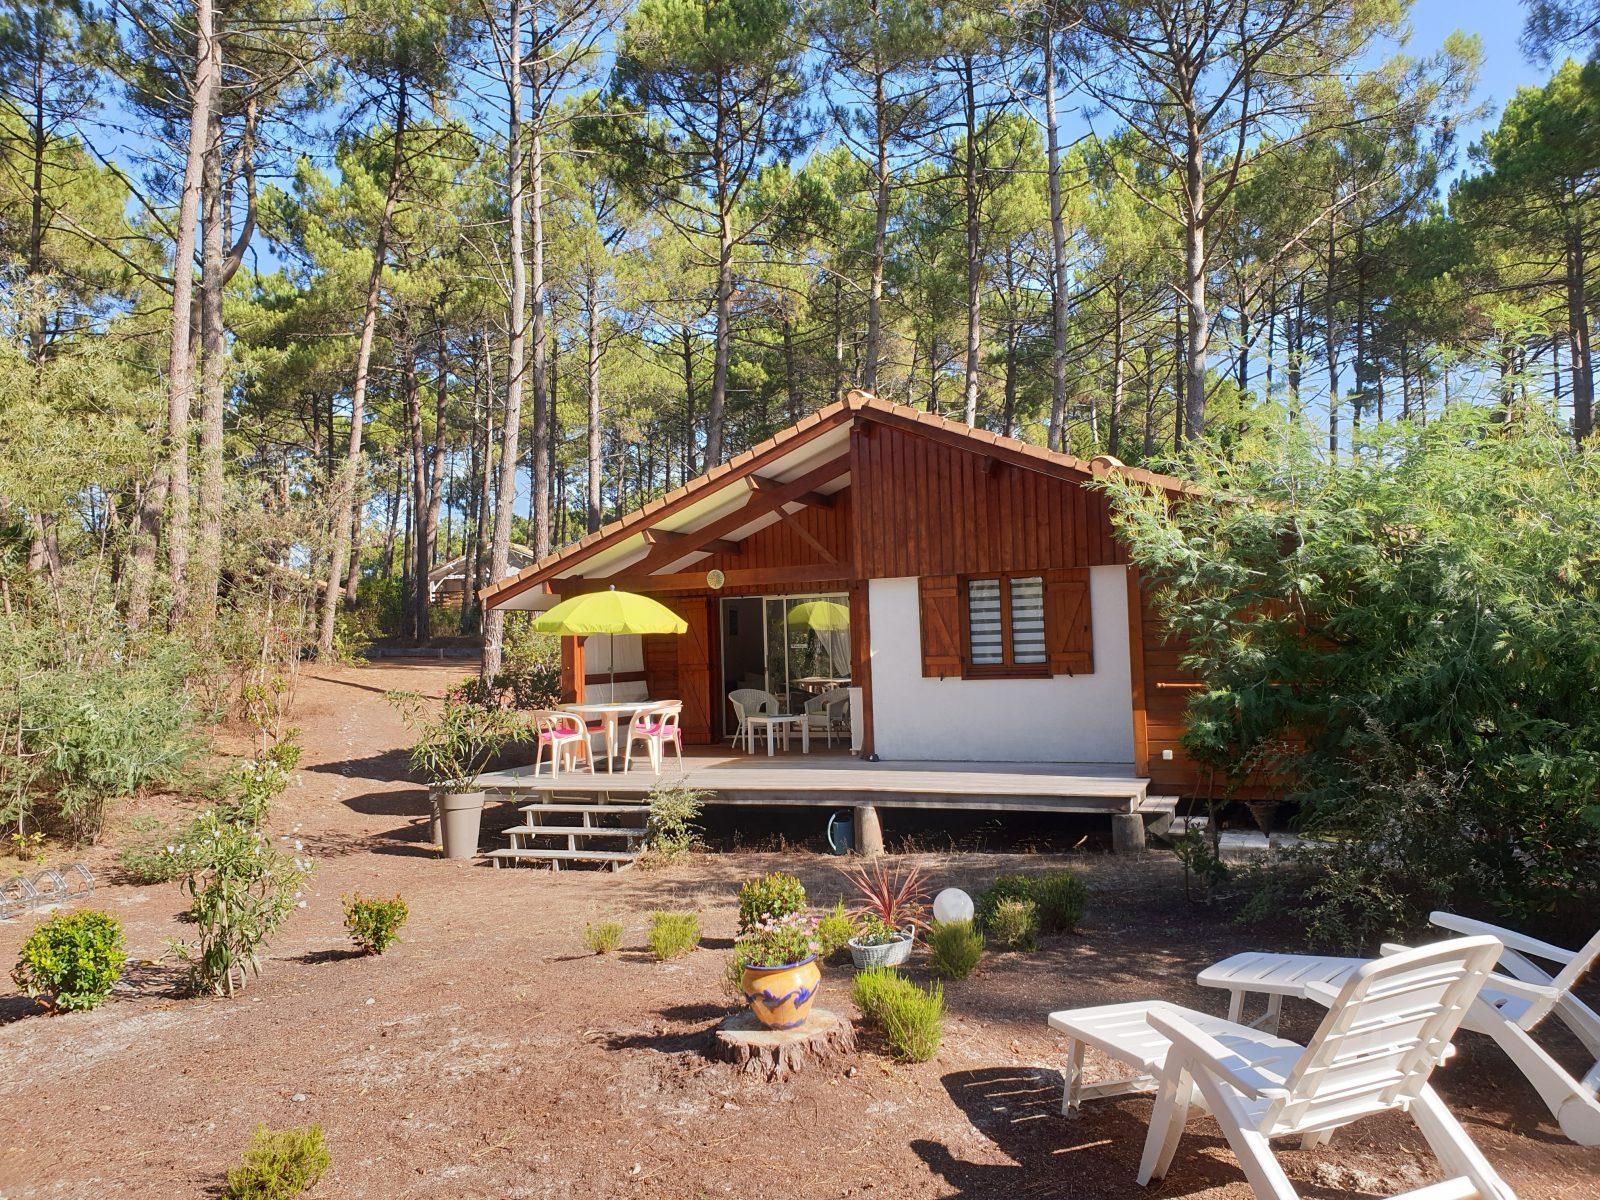 FKK Ferienhaus, Südwest, Frankreich